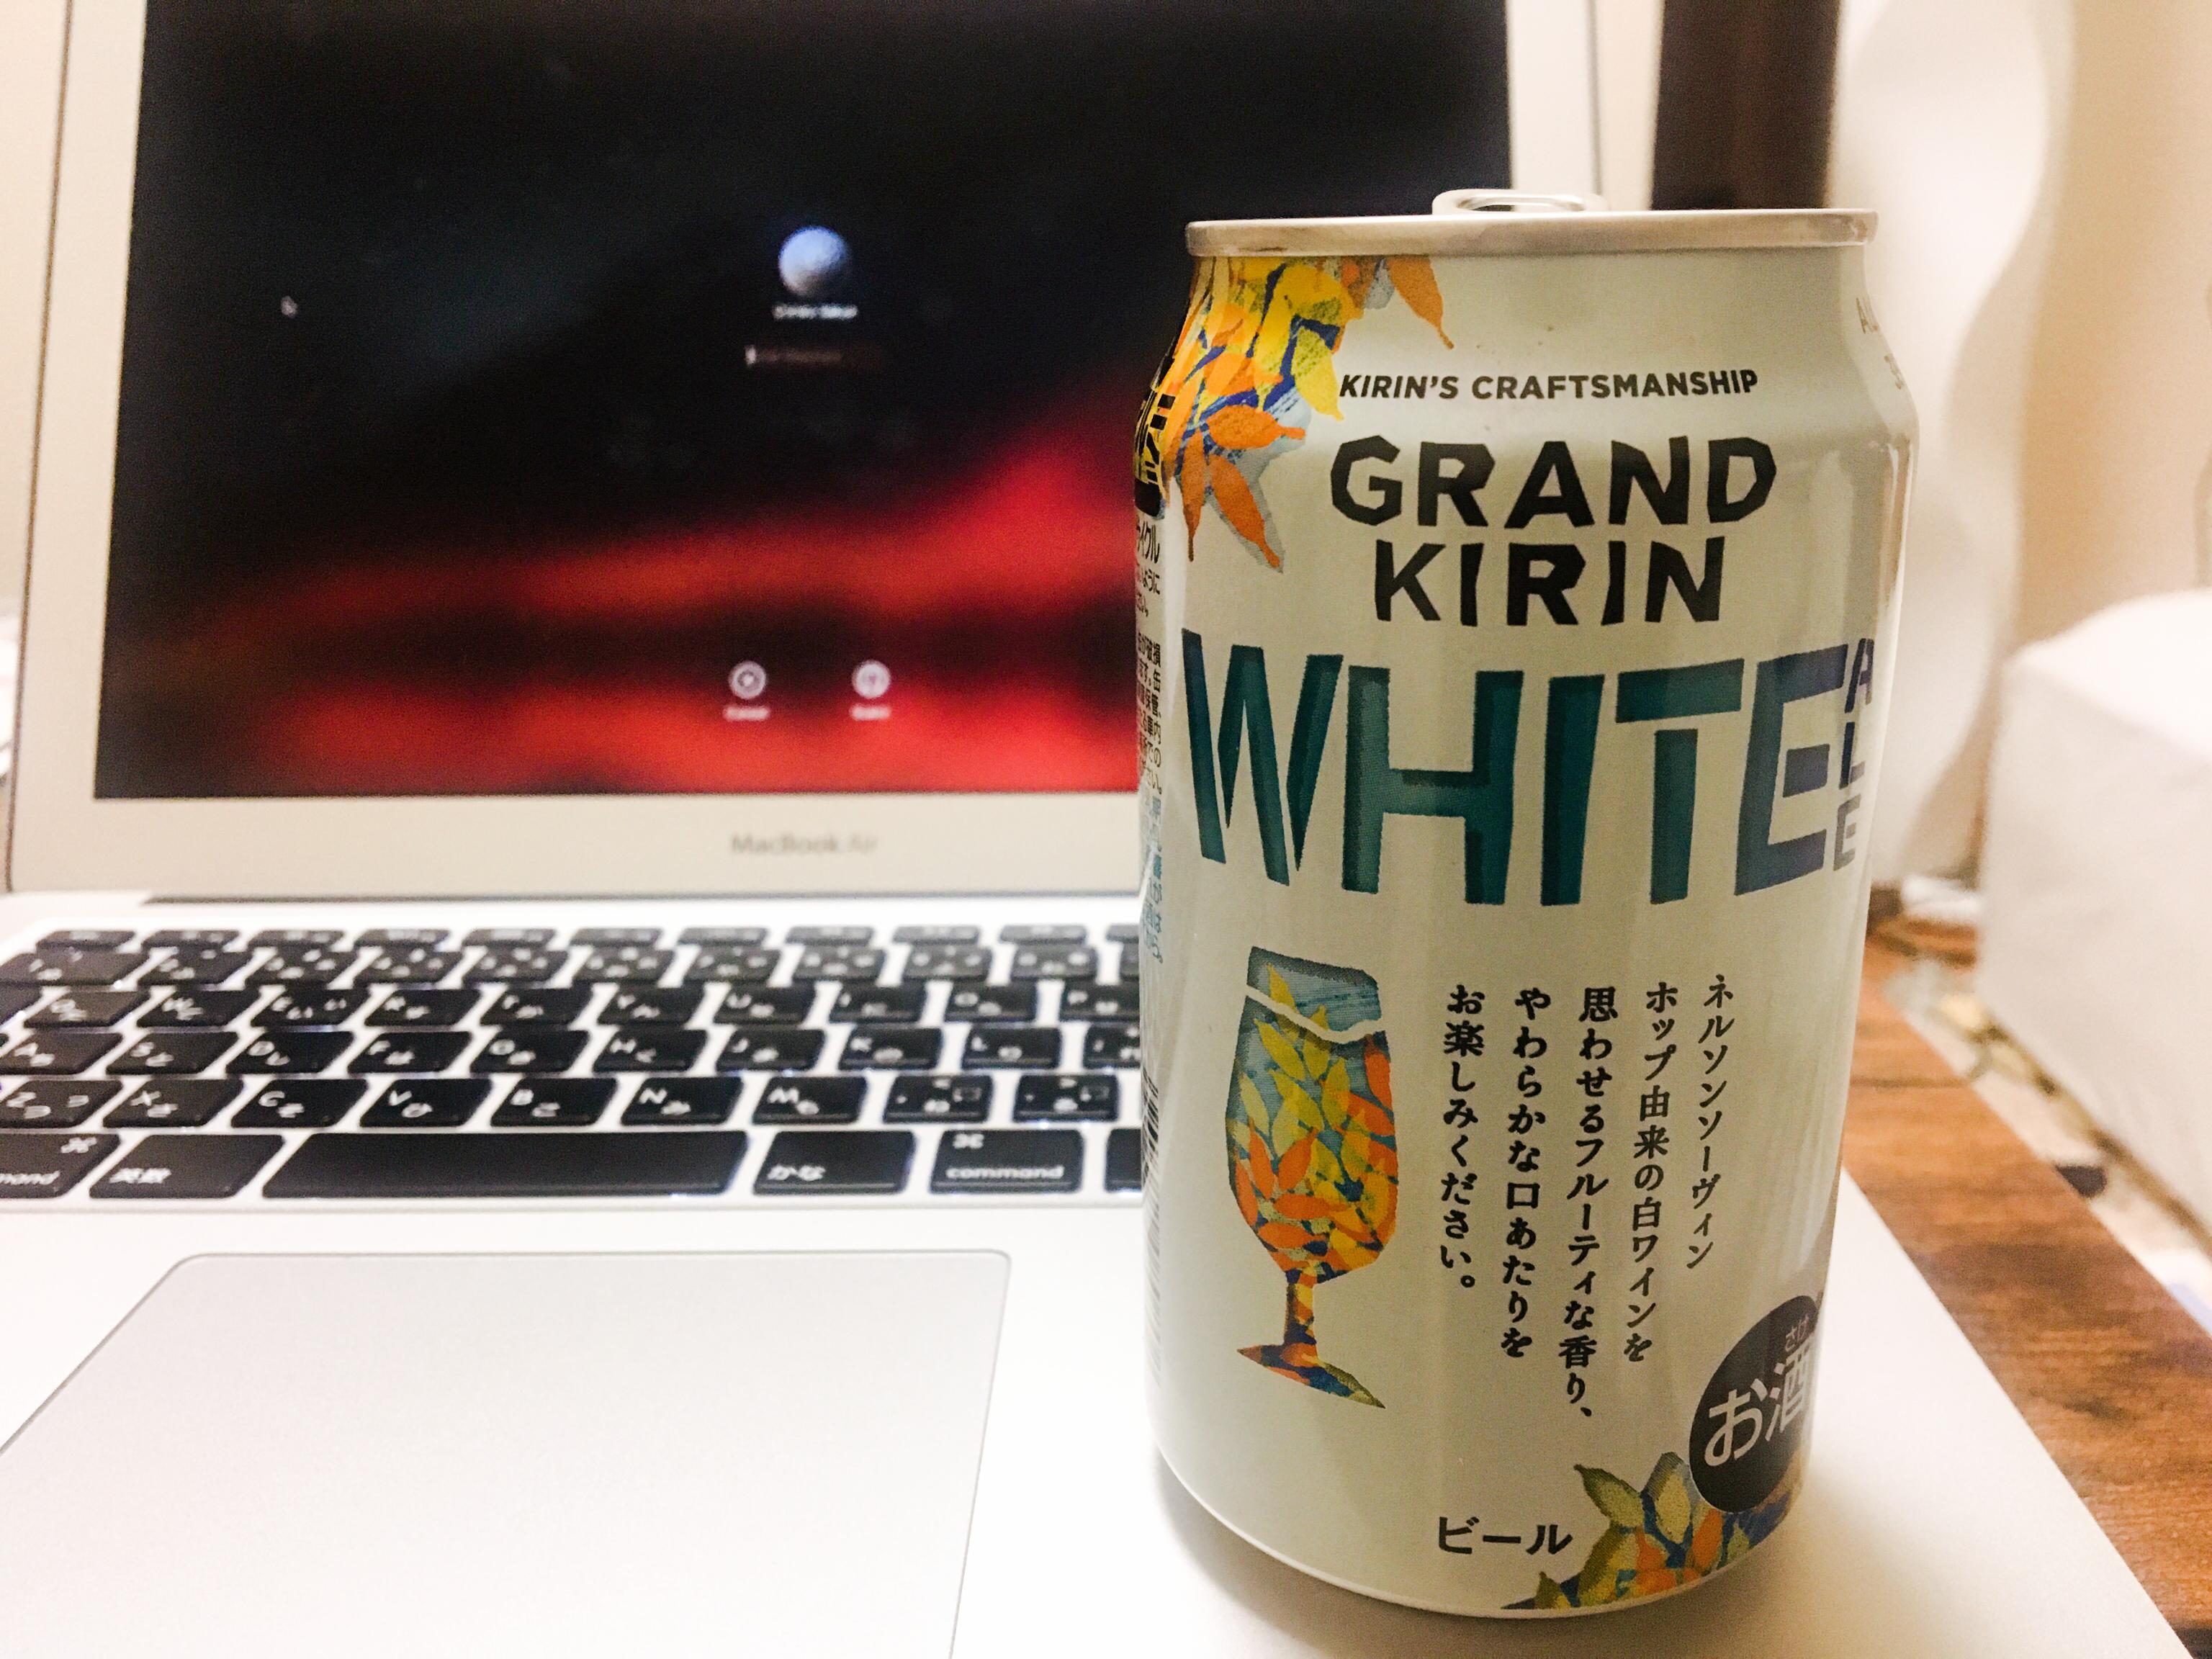 ちょっと飲んでいいですか